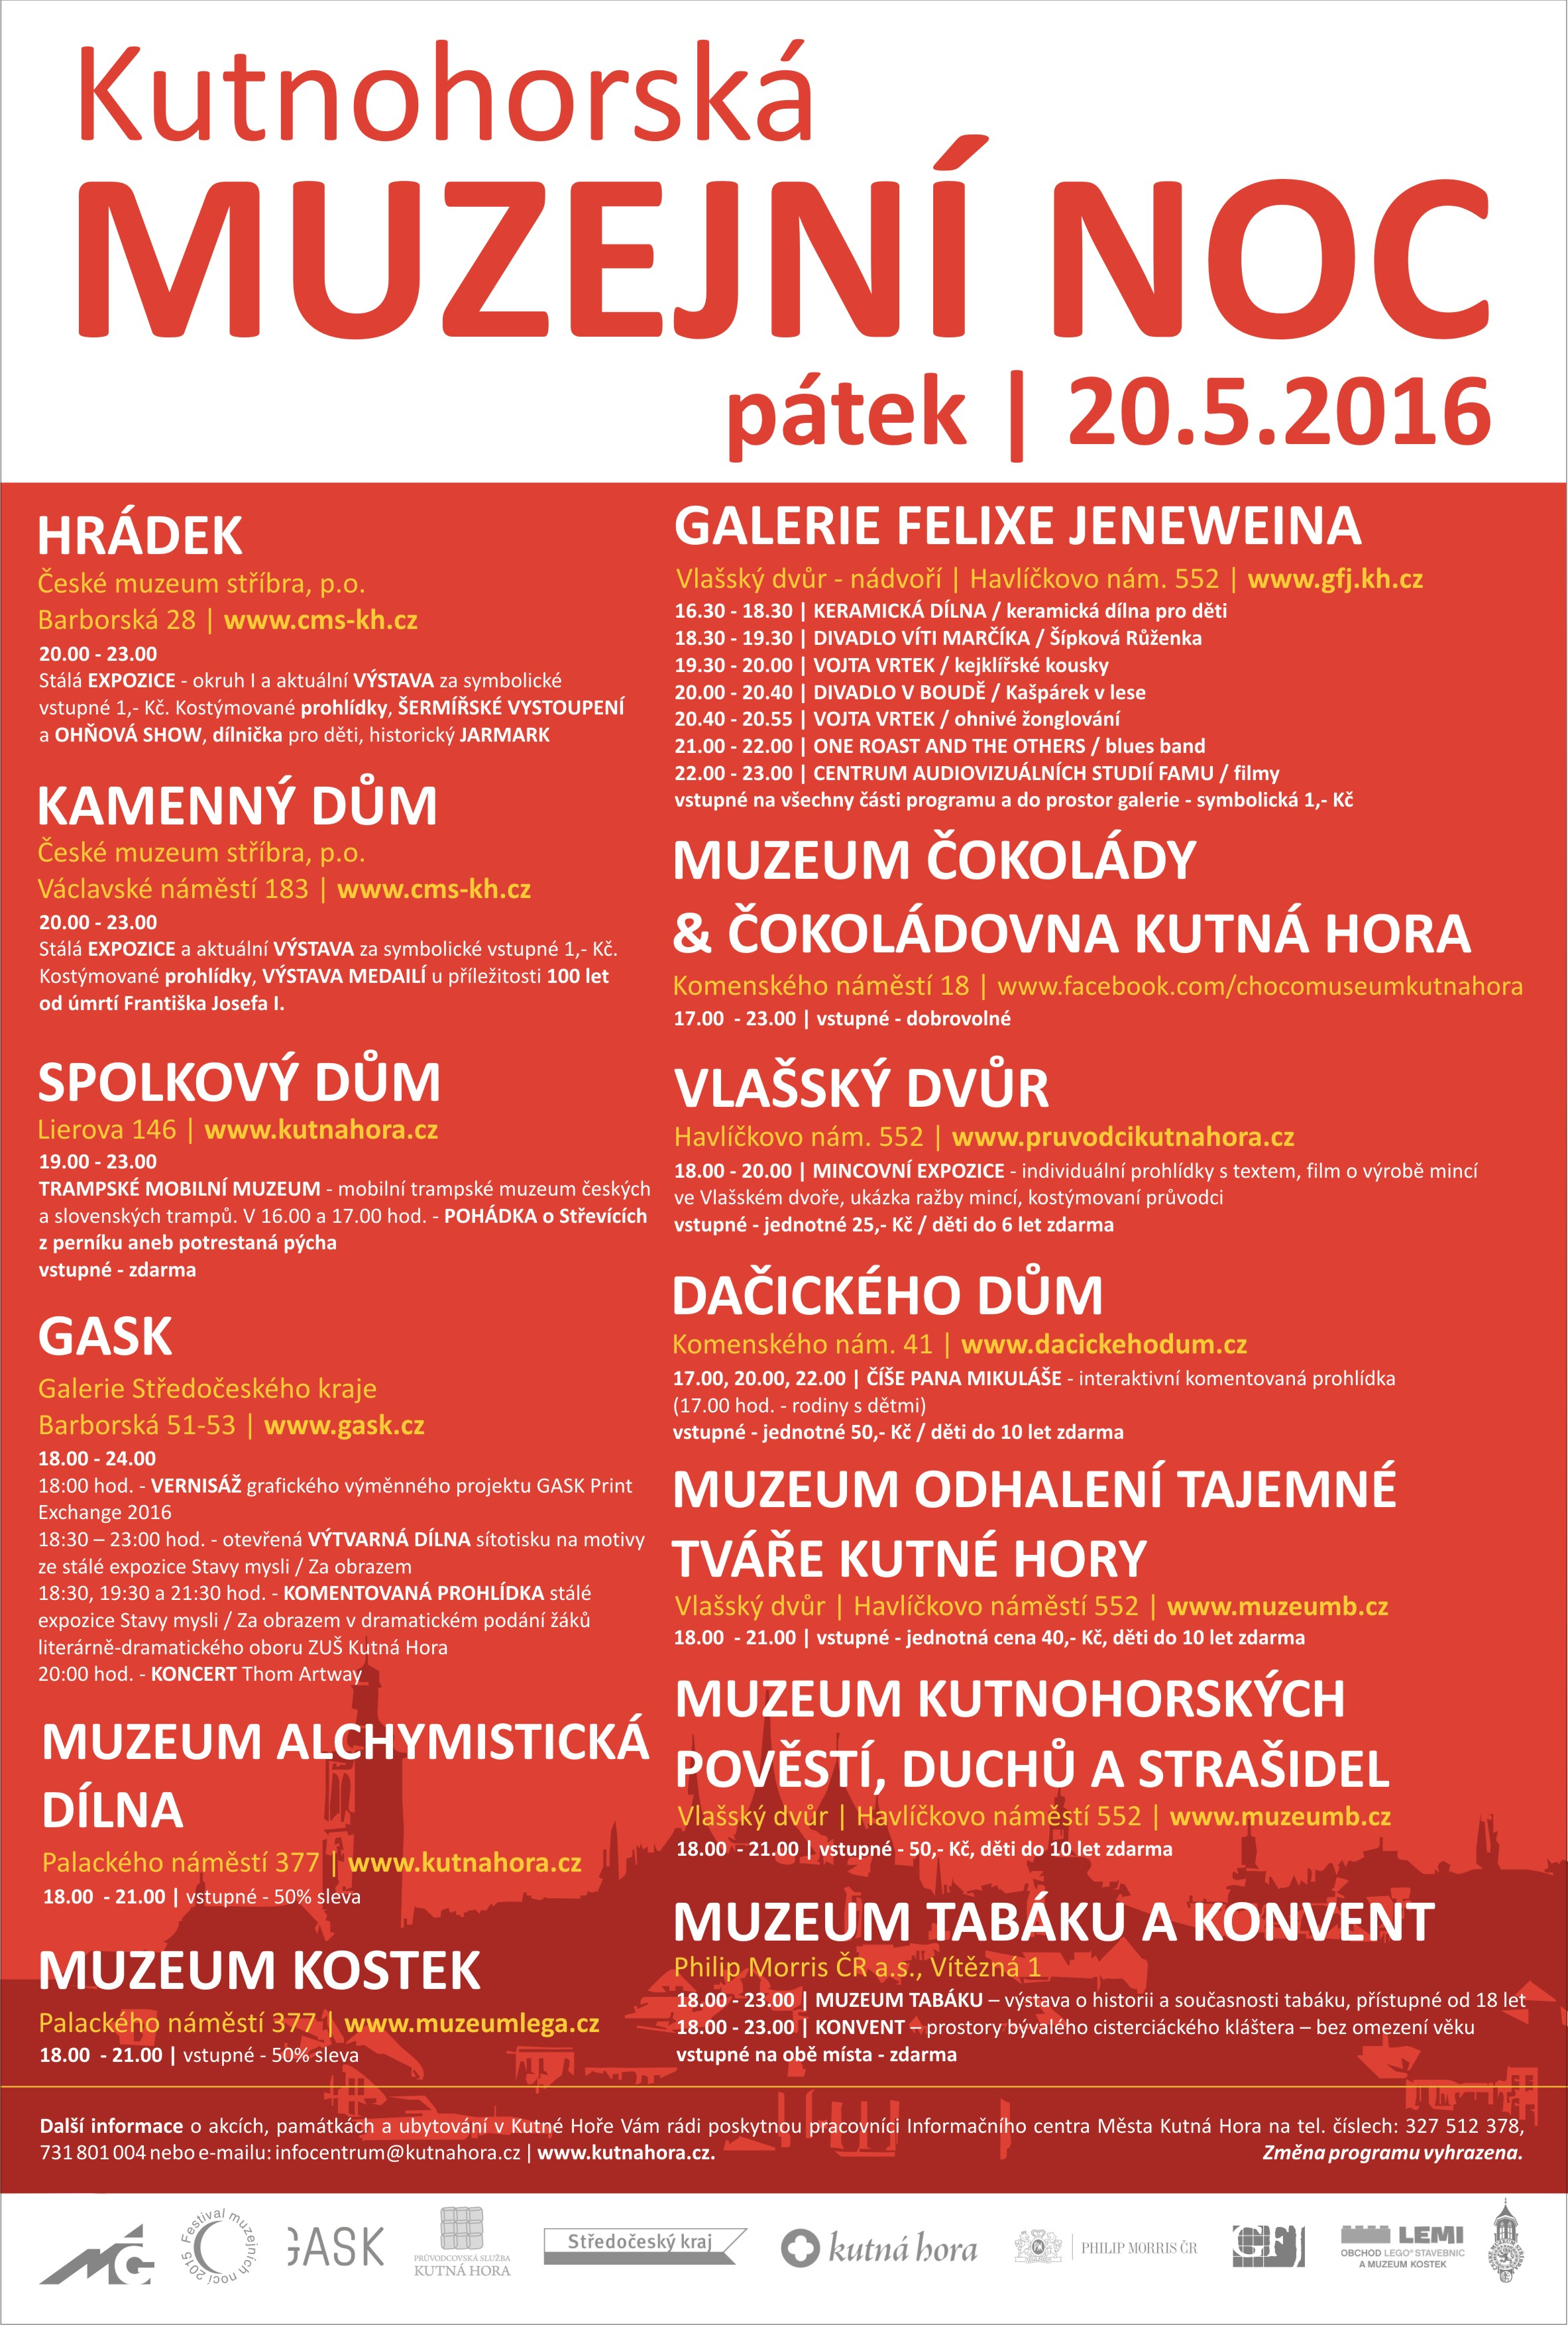 334-muzejni-noc-2016-cz.jpg